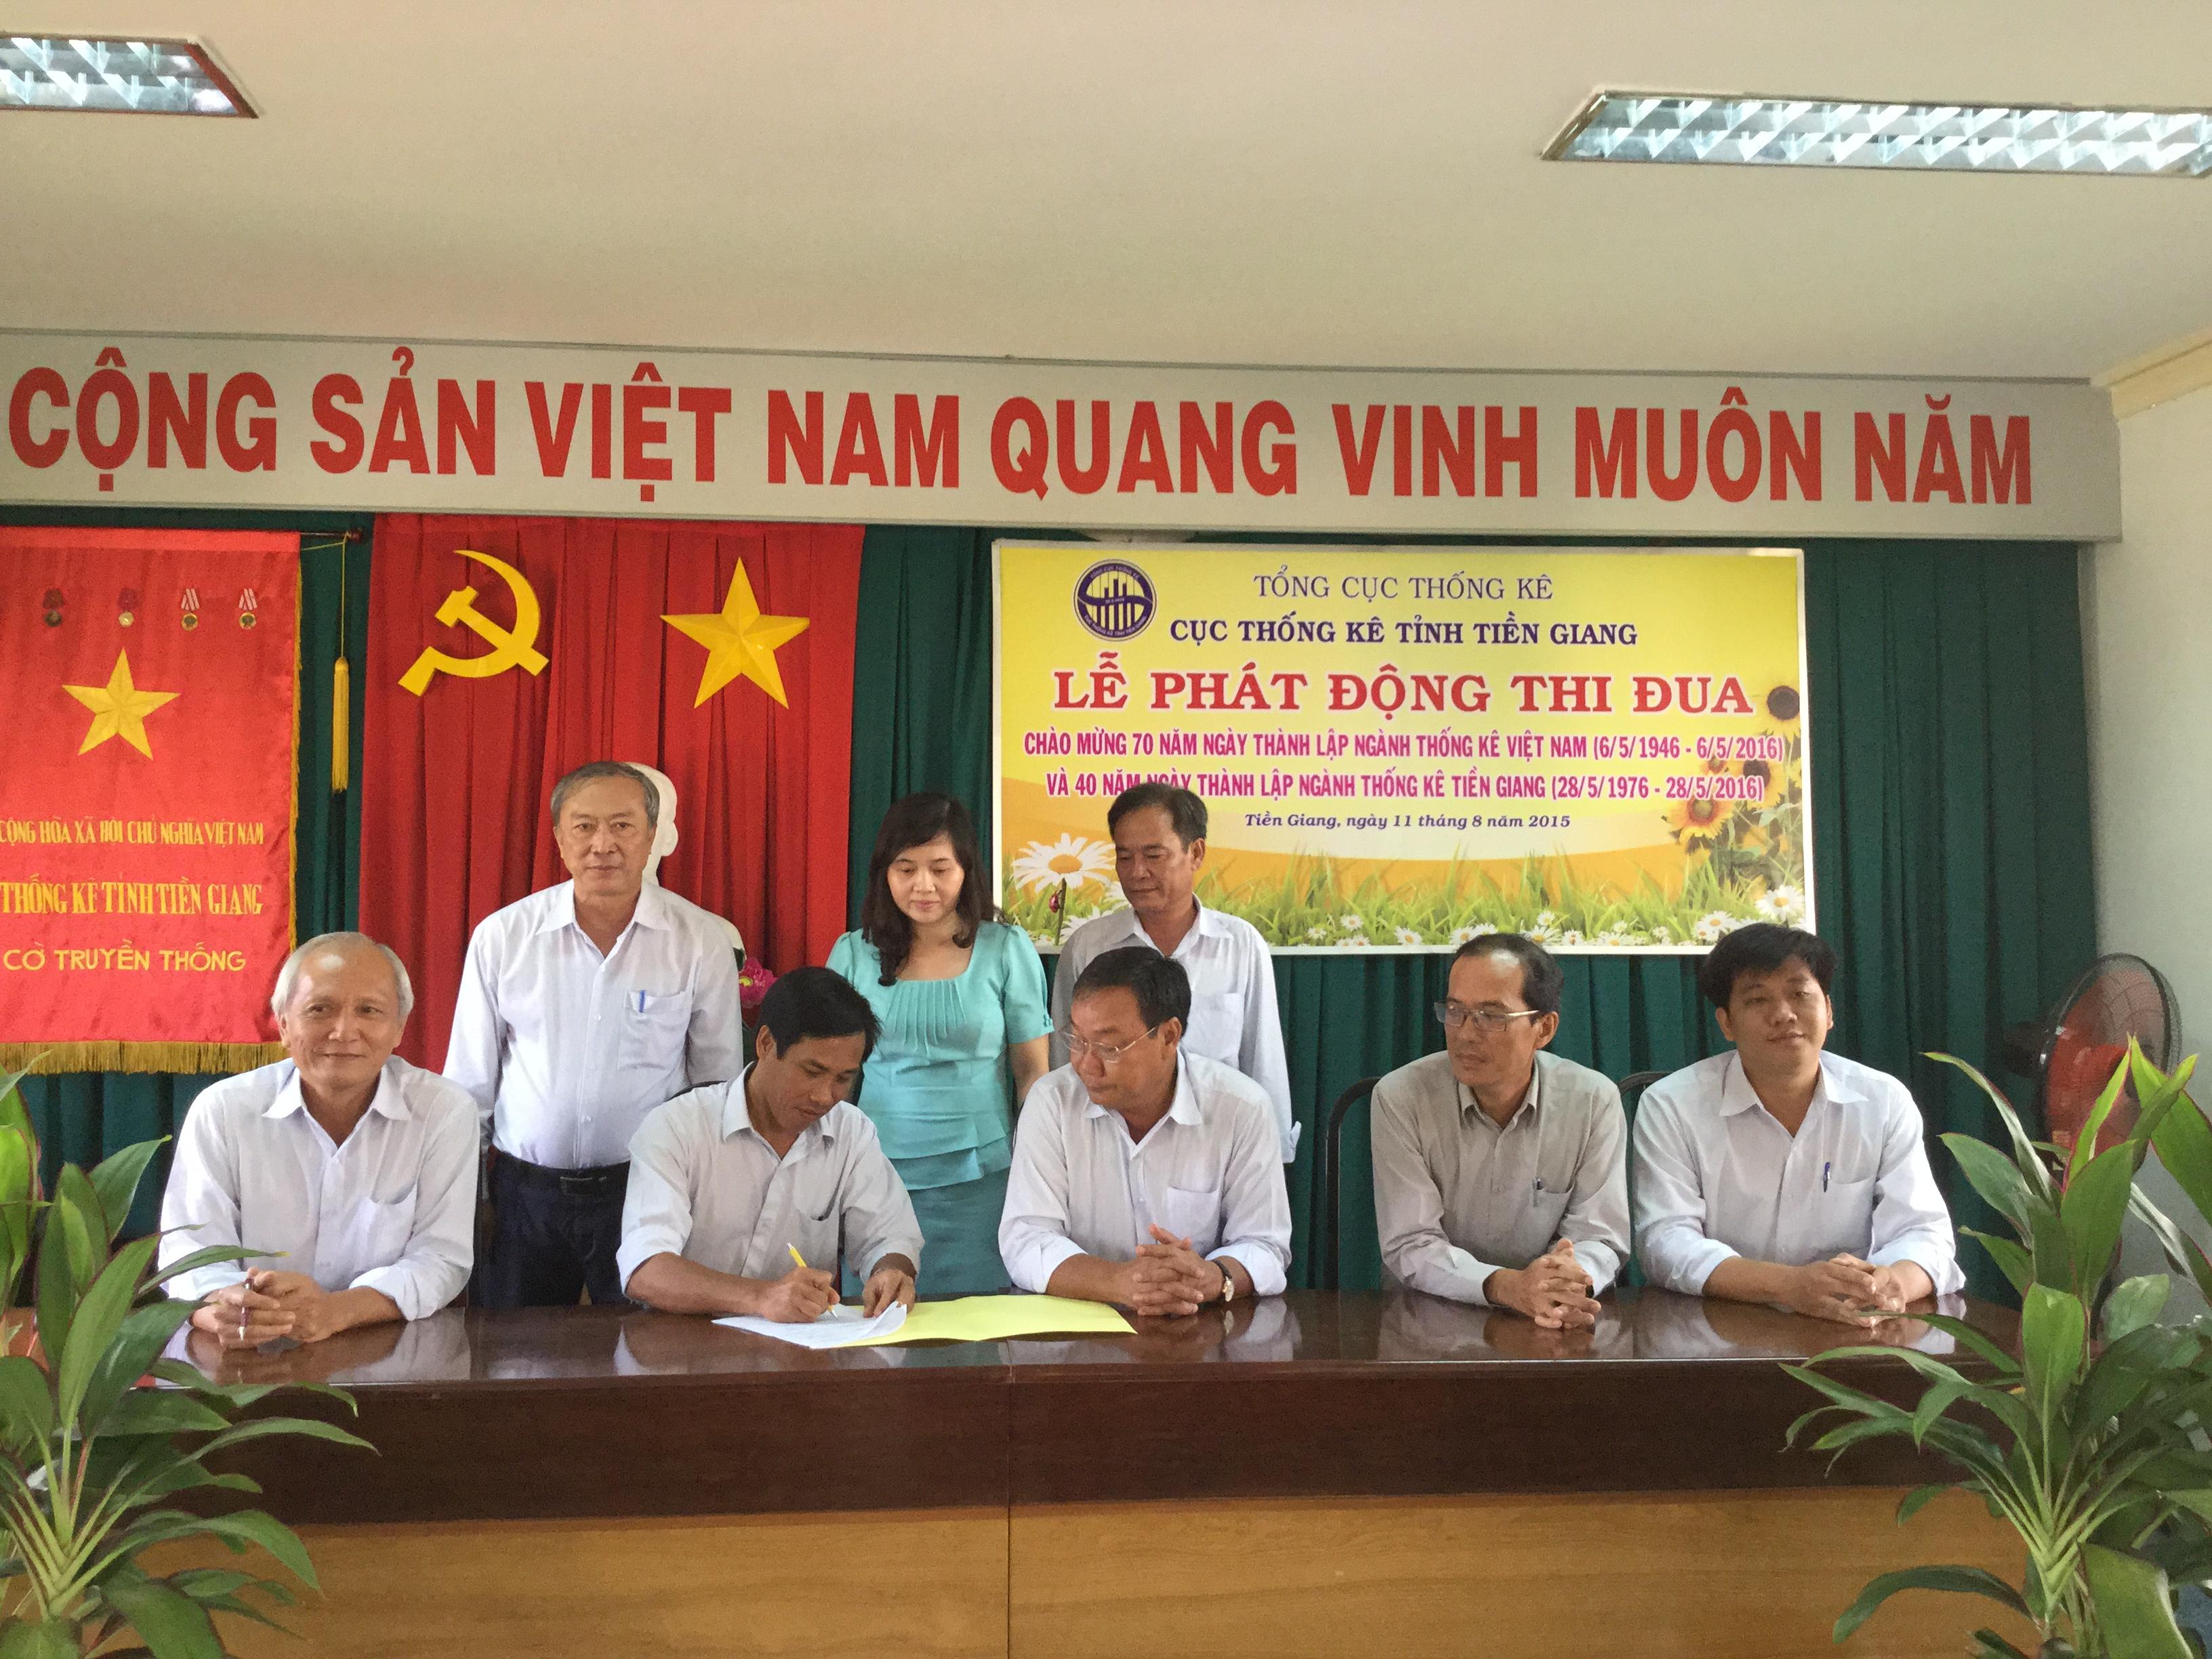 Lễ phát động thi đua hướng tới kỷ niệm 70 năm ngành Thống Kê Việt Nam và 40 năm ngành Thống Kê Tiền Giang